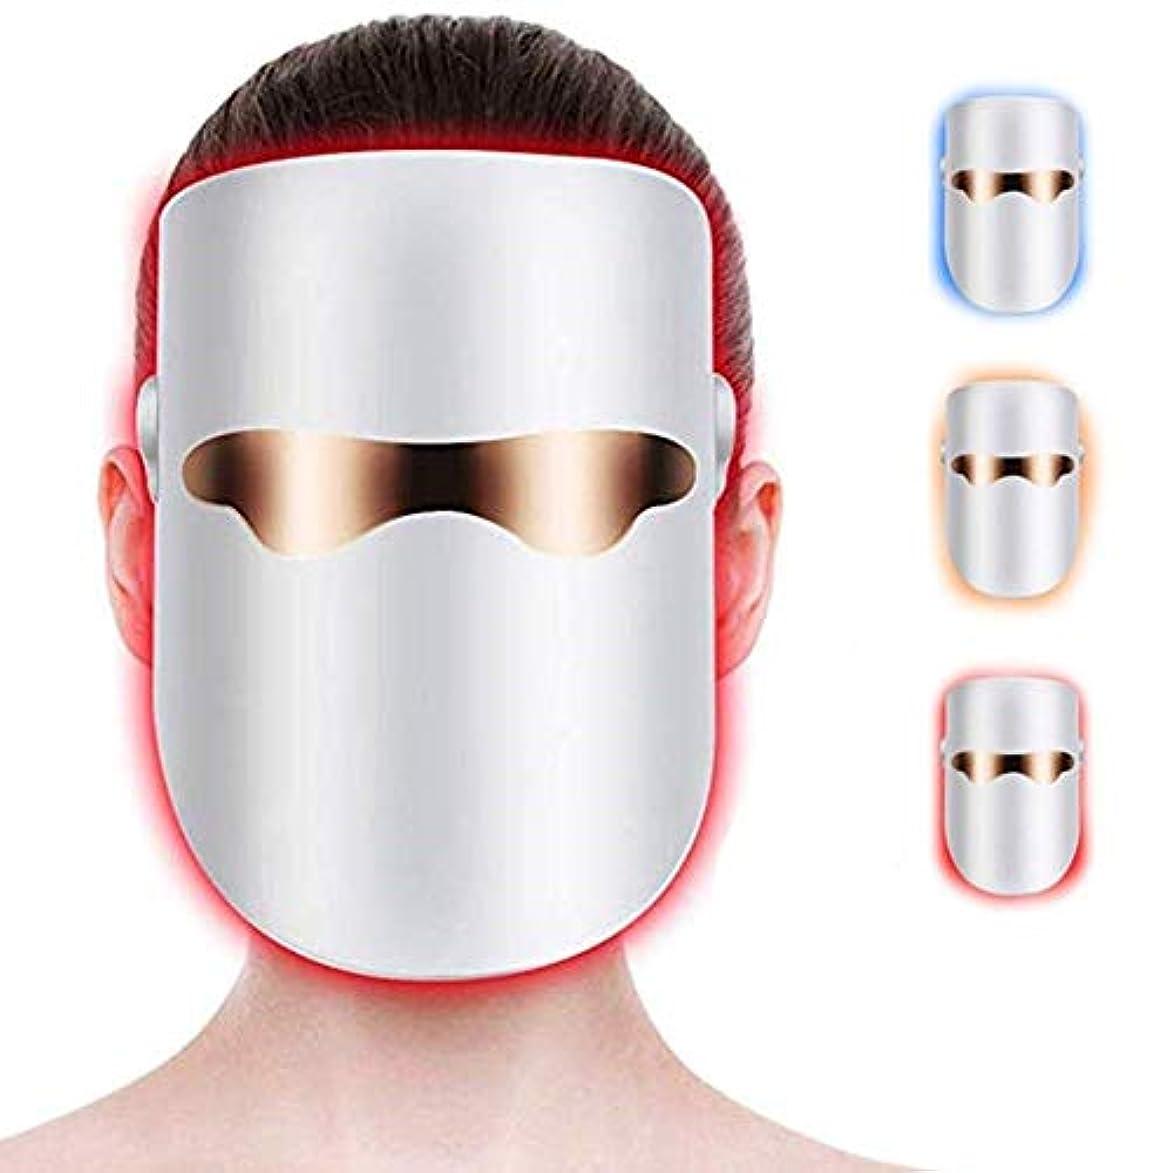 経度パット発掘するLEDフォトンフェイスマスク、しわ用美容スキンケアマスク、にきびアンチエイジング